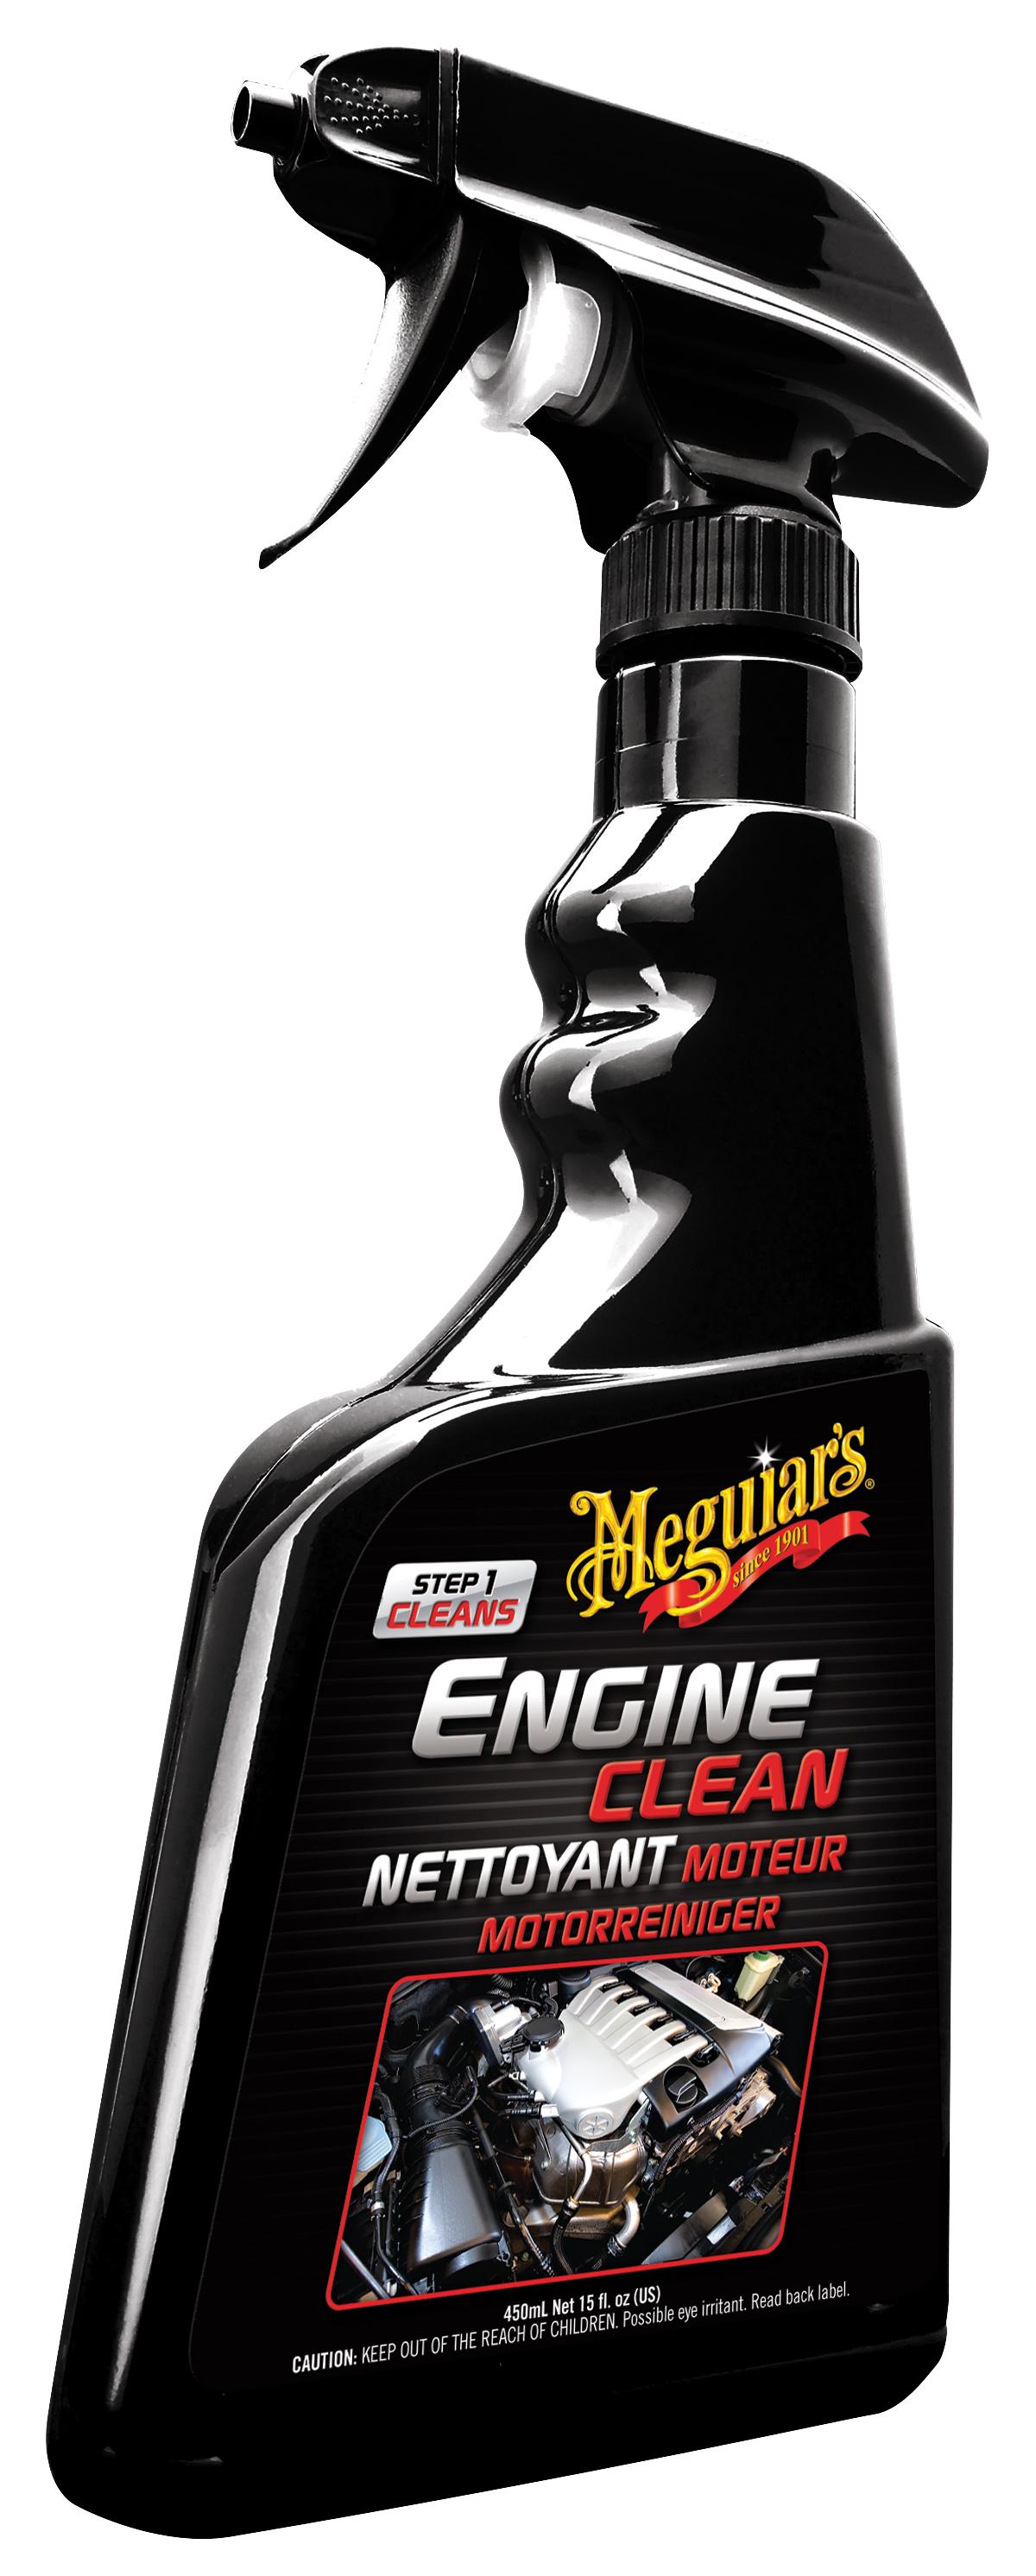 Meguiars Engine Clean Motorreiniger Motor Reiniger Motorpflege G14816EU 450 ml